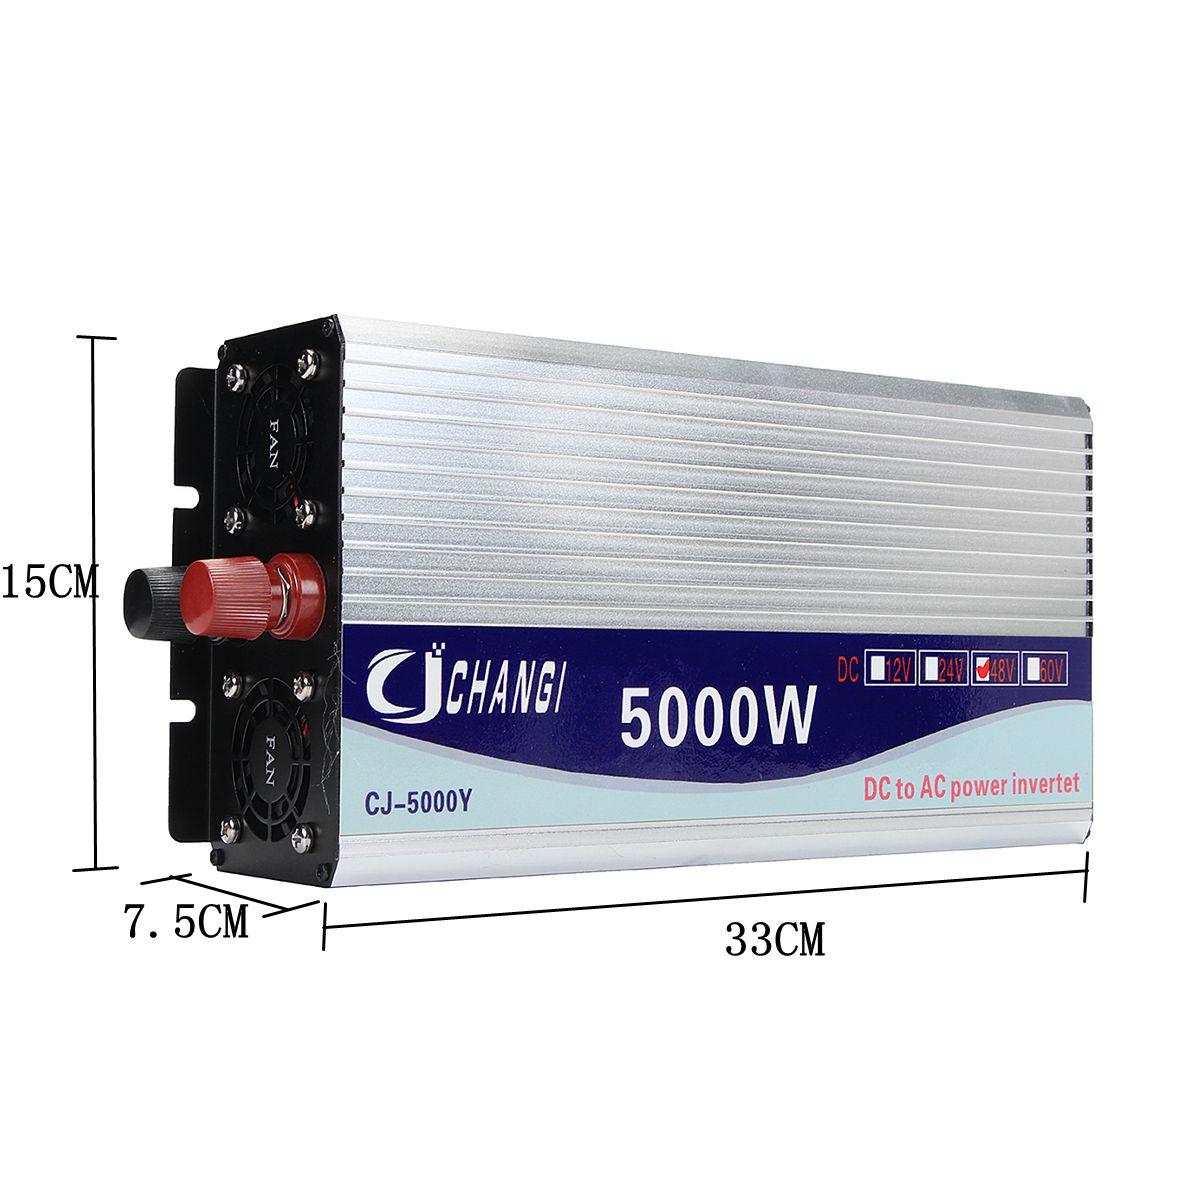 Onduleur 12 V/24 V/48 V 220 V 5000 W 10000 W Pics Modifié Puissance D'onde Sinusoïdale transformateur Onduleur Convertisseur + écran lcd - 5